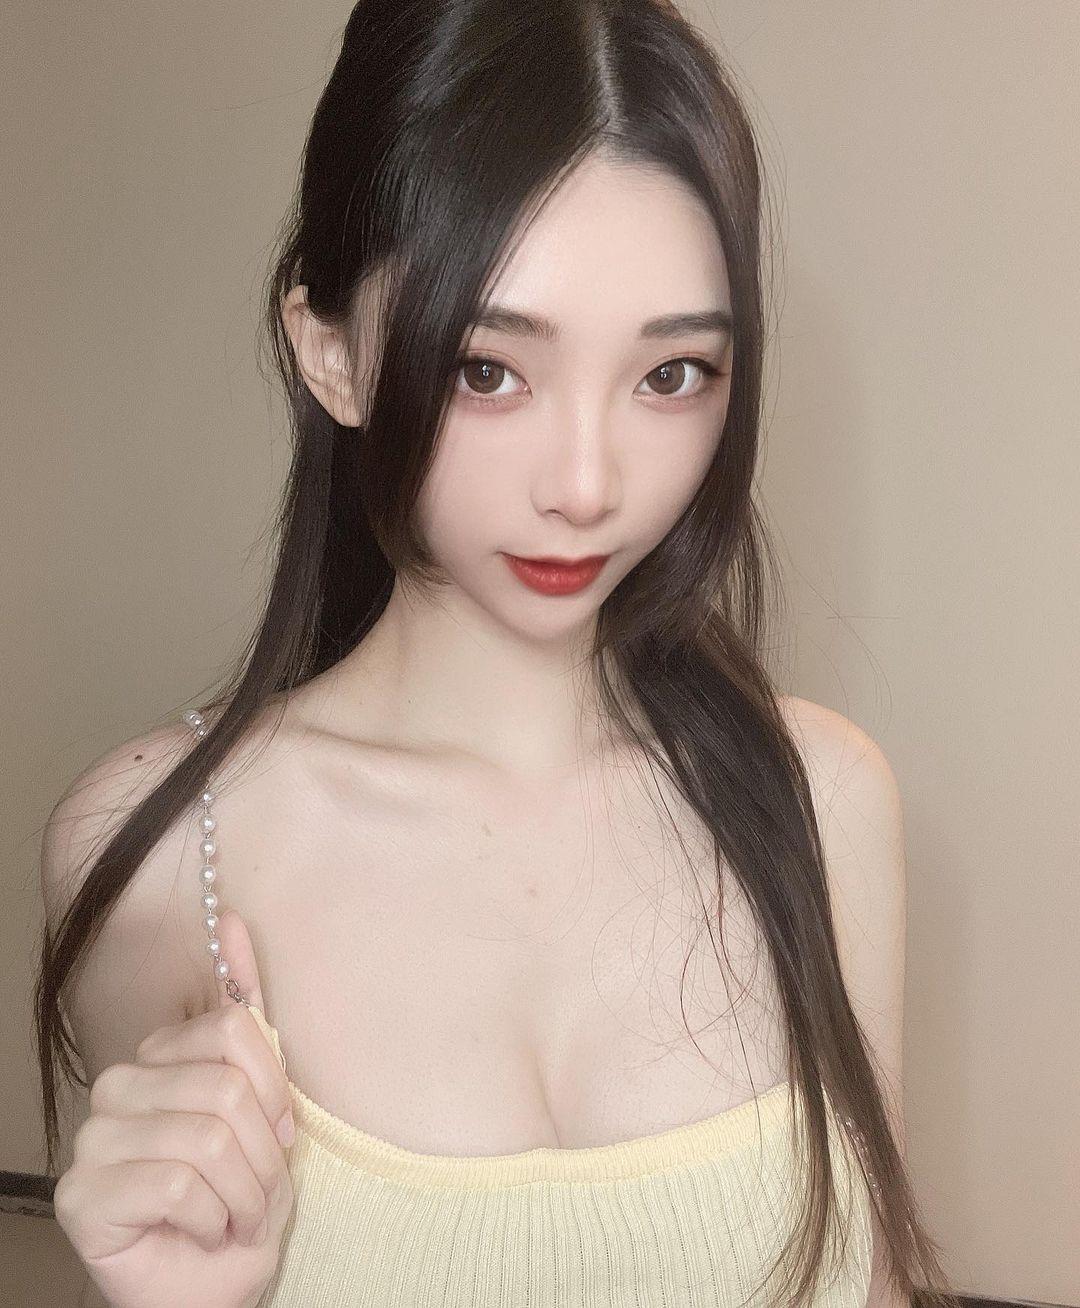 小仙女邀你吃凤梨!「正妹」Lily细肩带小背心好清凉,光看胃口就很好!插图(3)